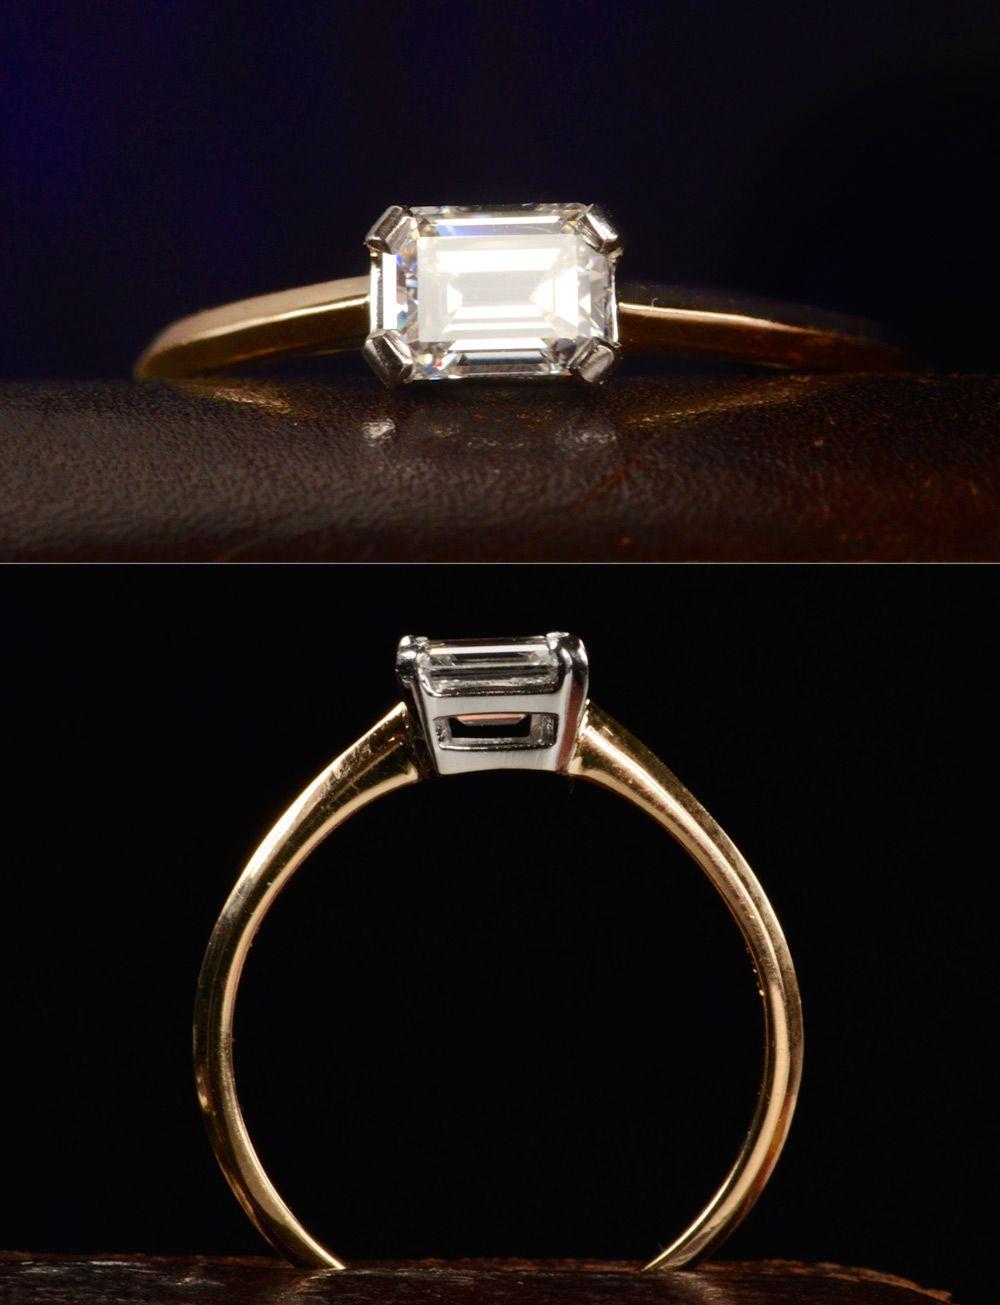 EB Emerald Cut Ring, Vintage 0.50ct Emerald Cut Diamond (GIA: F/SI1), Platinum, 18K Yellow Gold, $3350 ...repinned für Gewinner!  - jetzt gratis Erfolgsratgeber sichern www.ratsucher.de